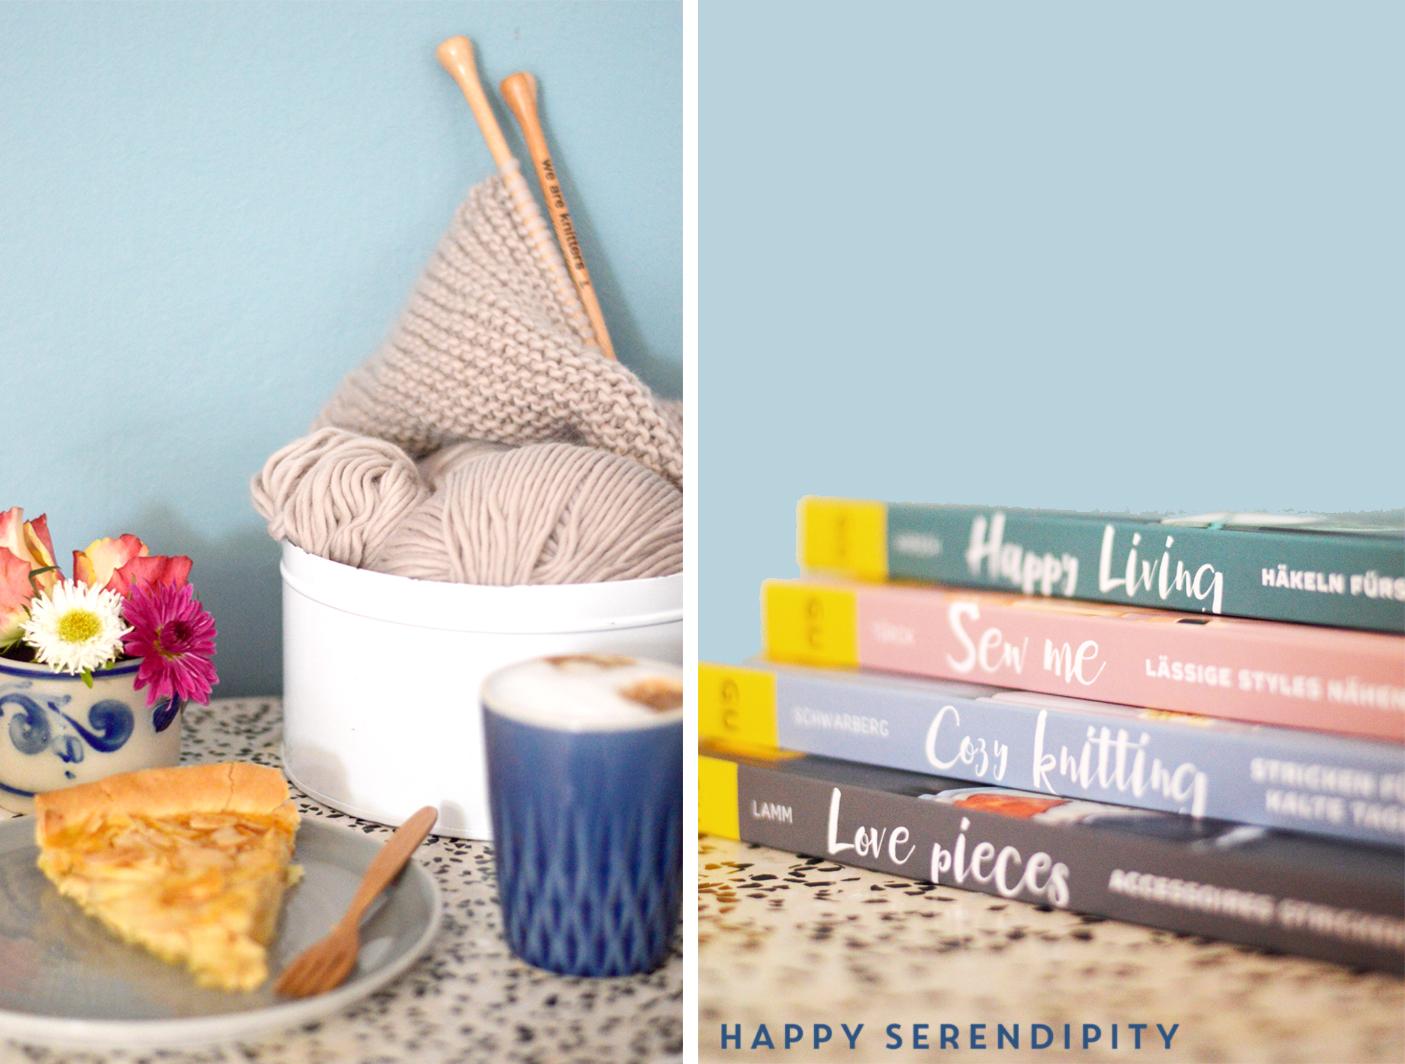 My perfect weekend - die neue Buchreiche vom GU Verlag